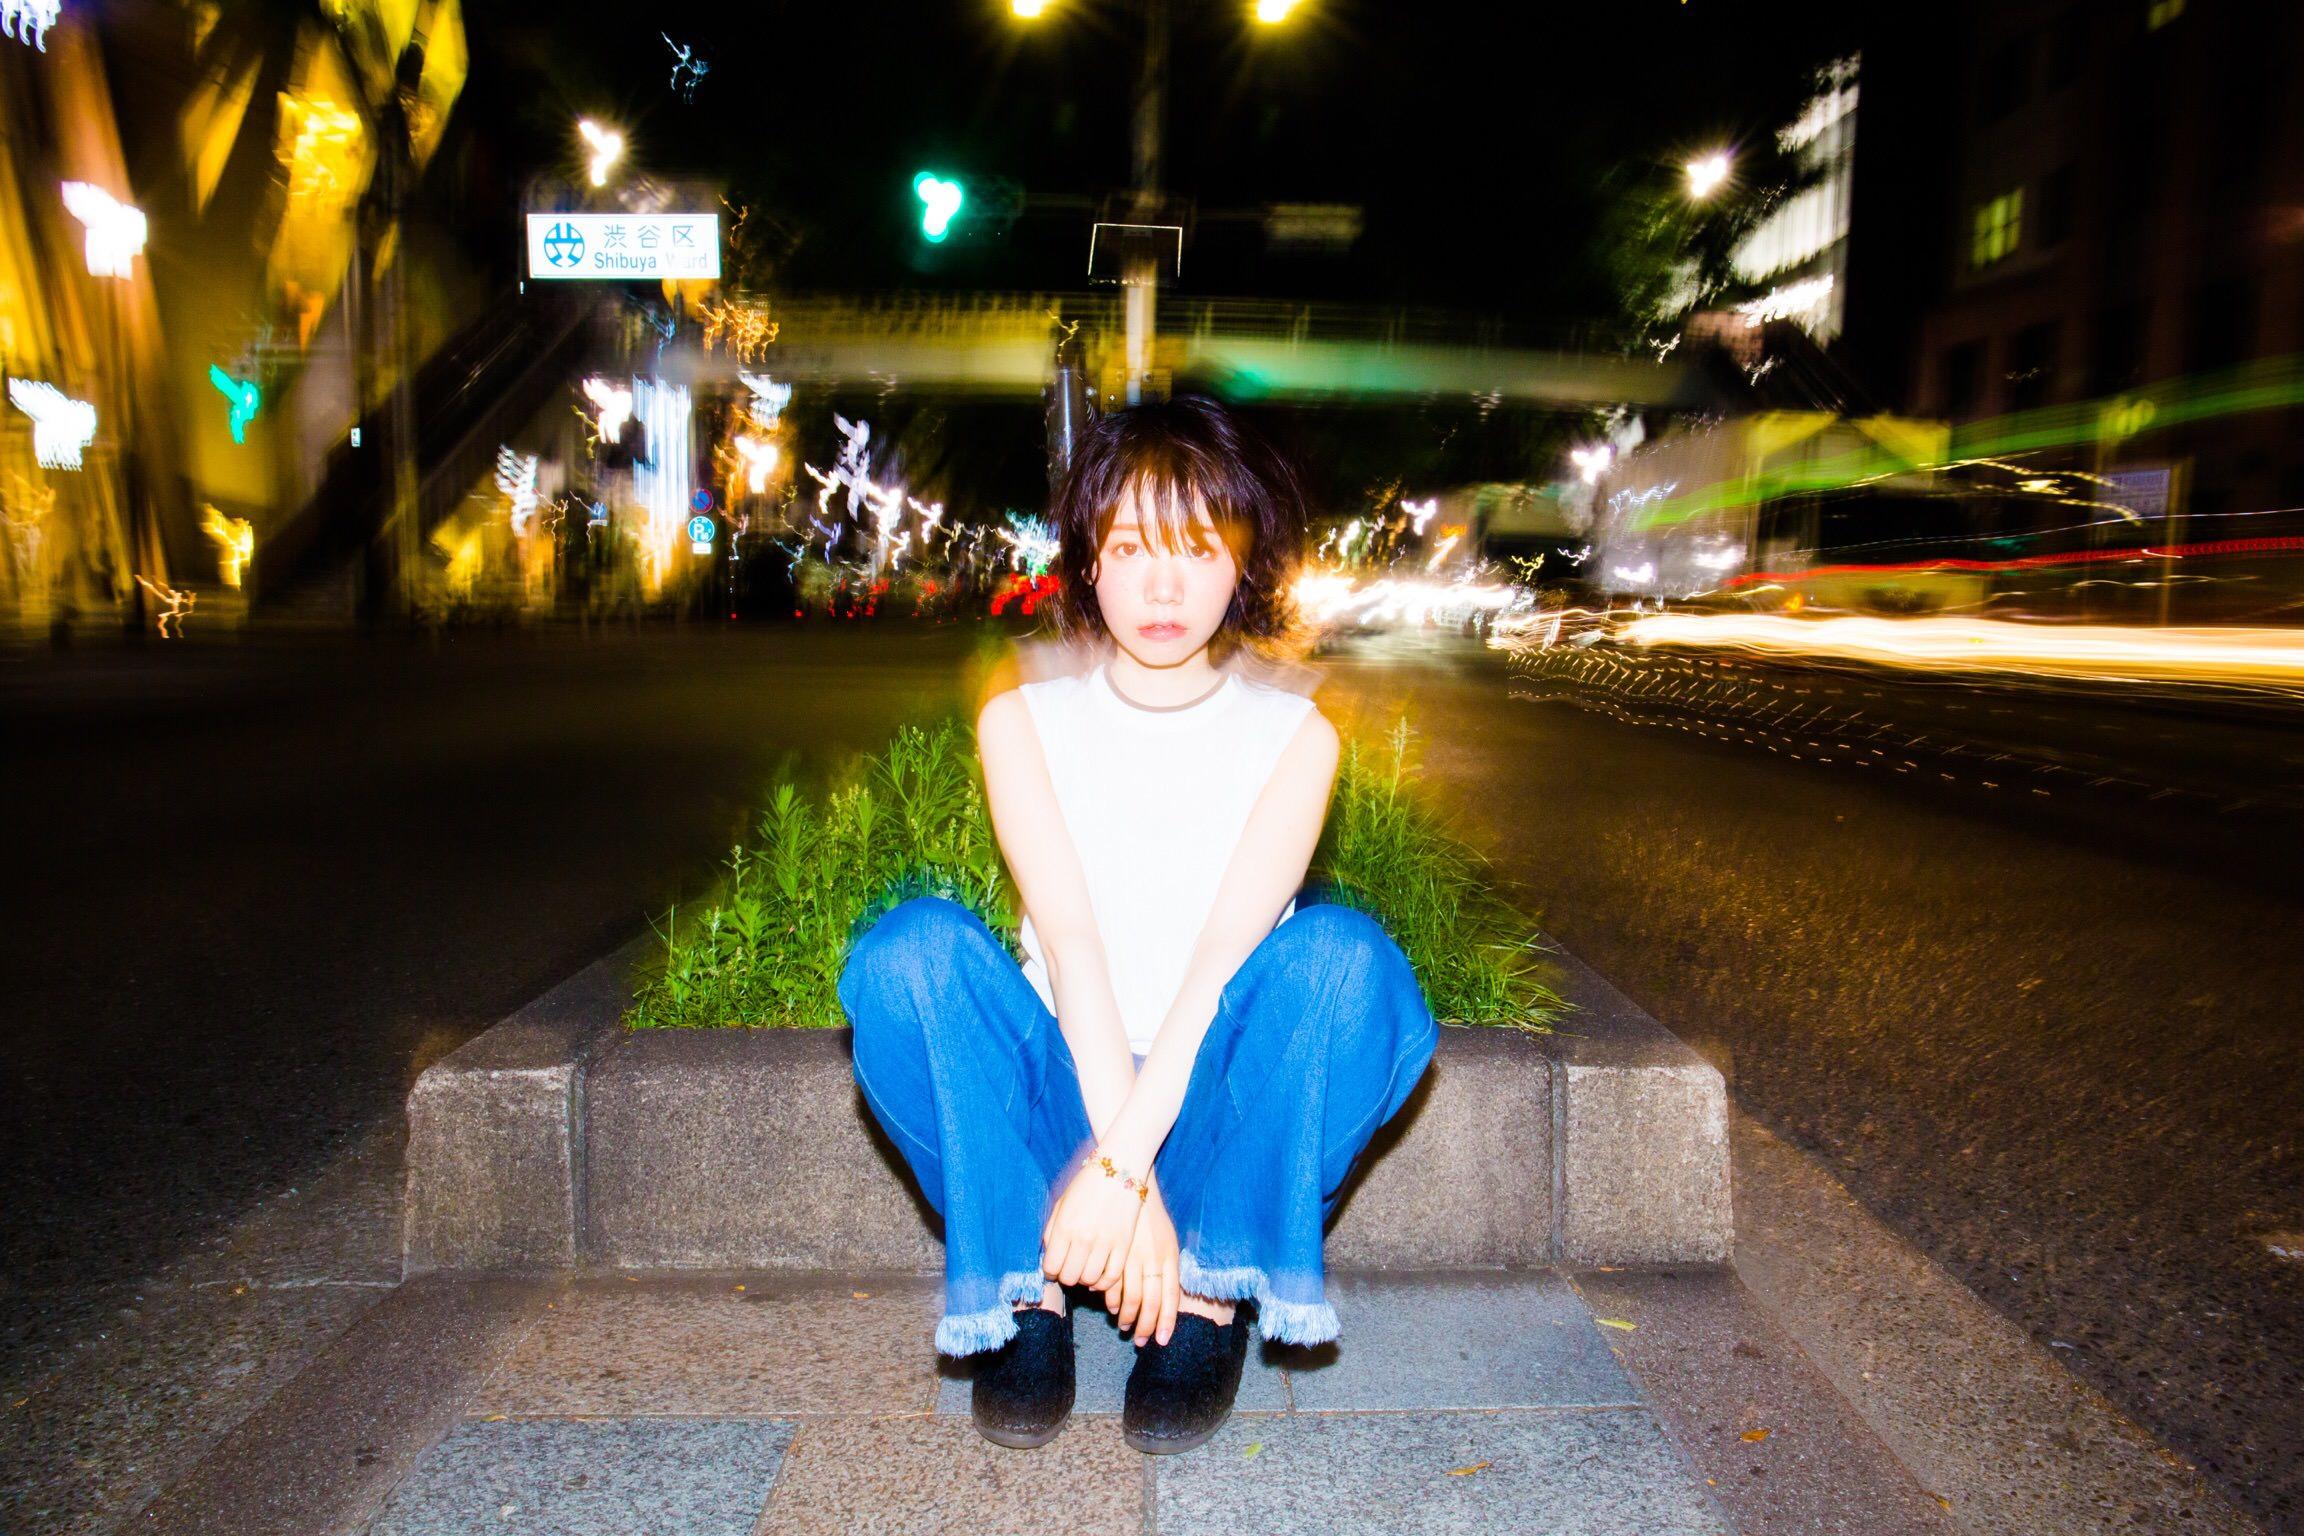 SALON STYLE / Risa Oshima